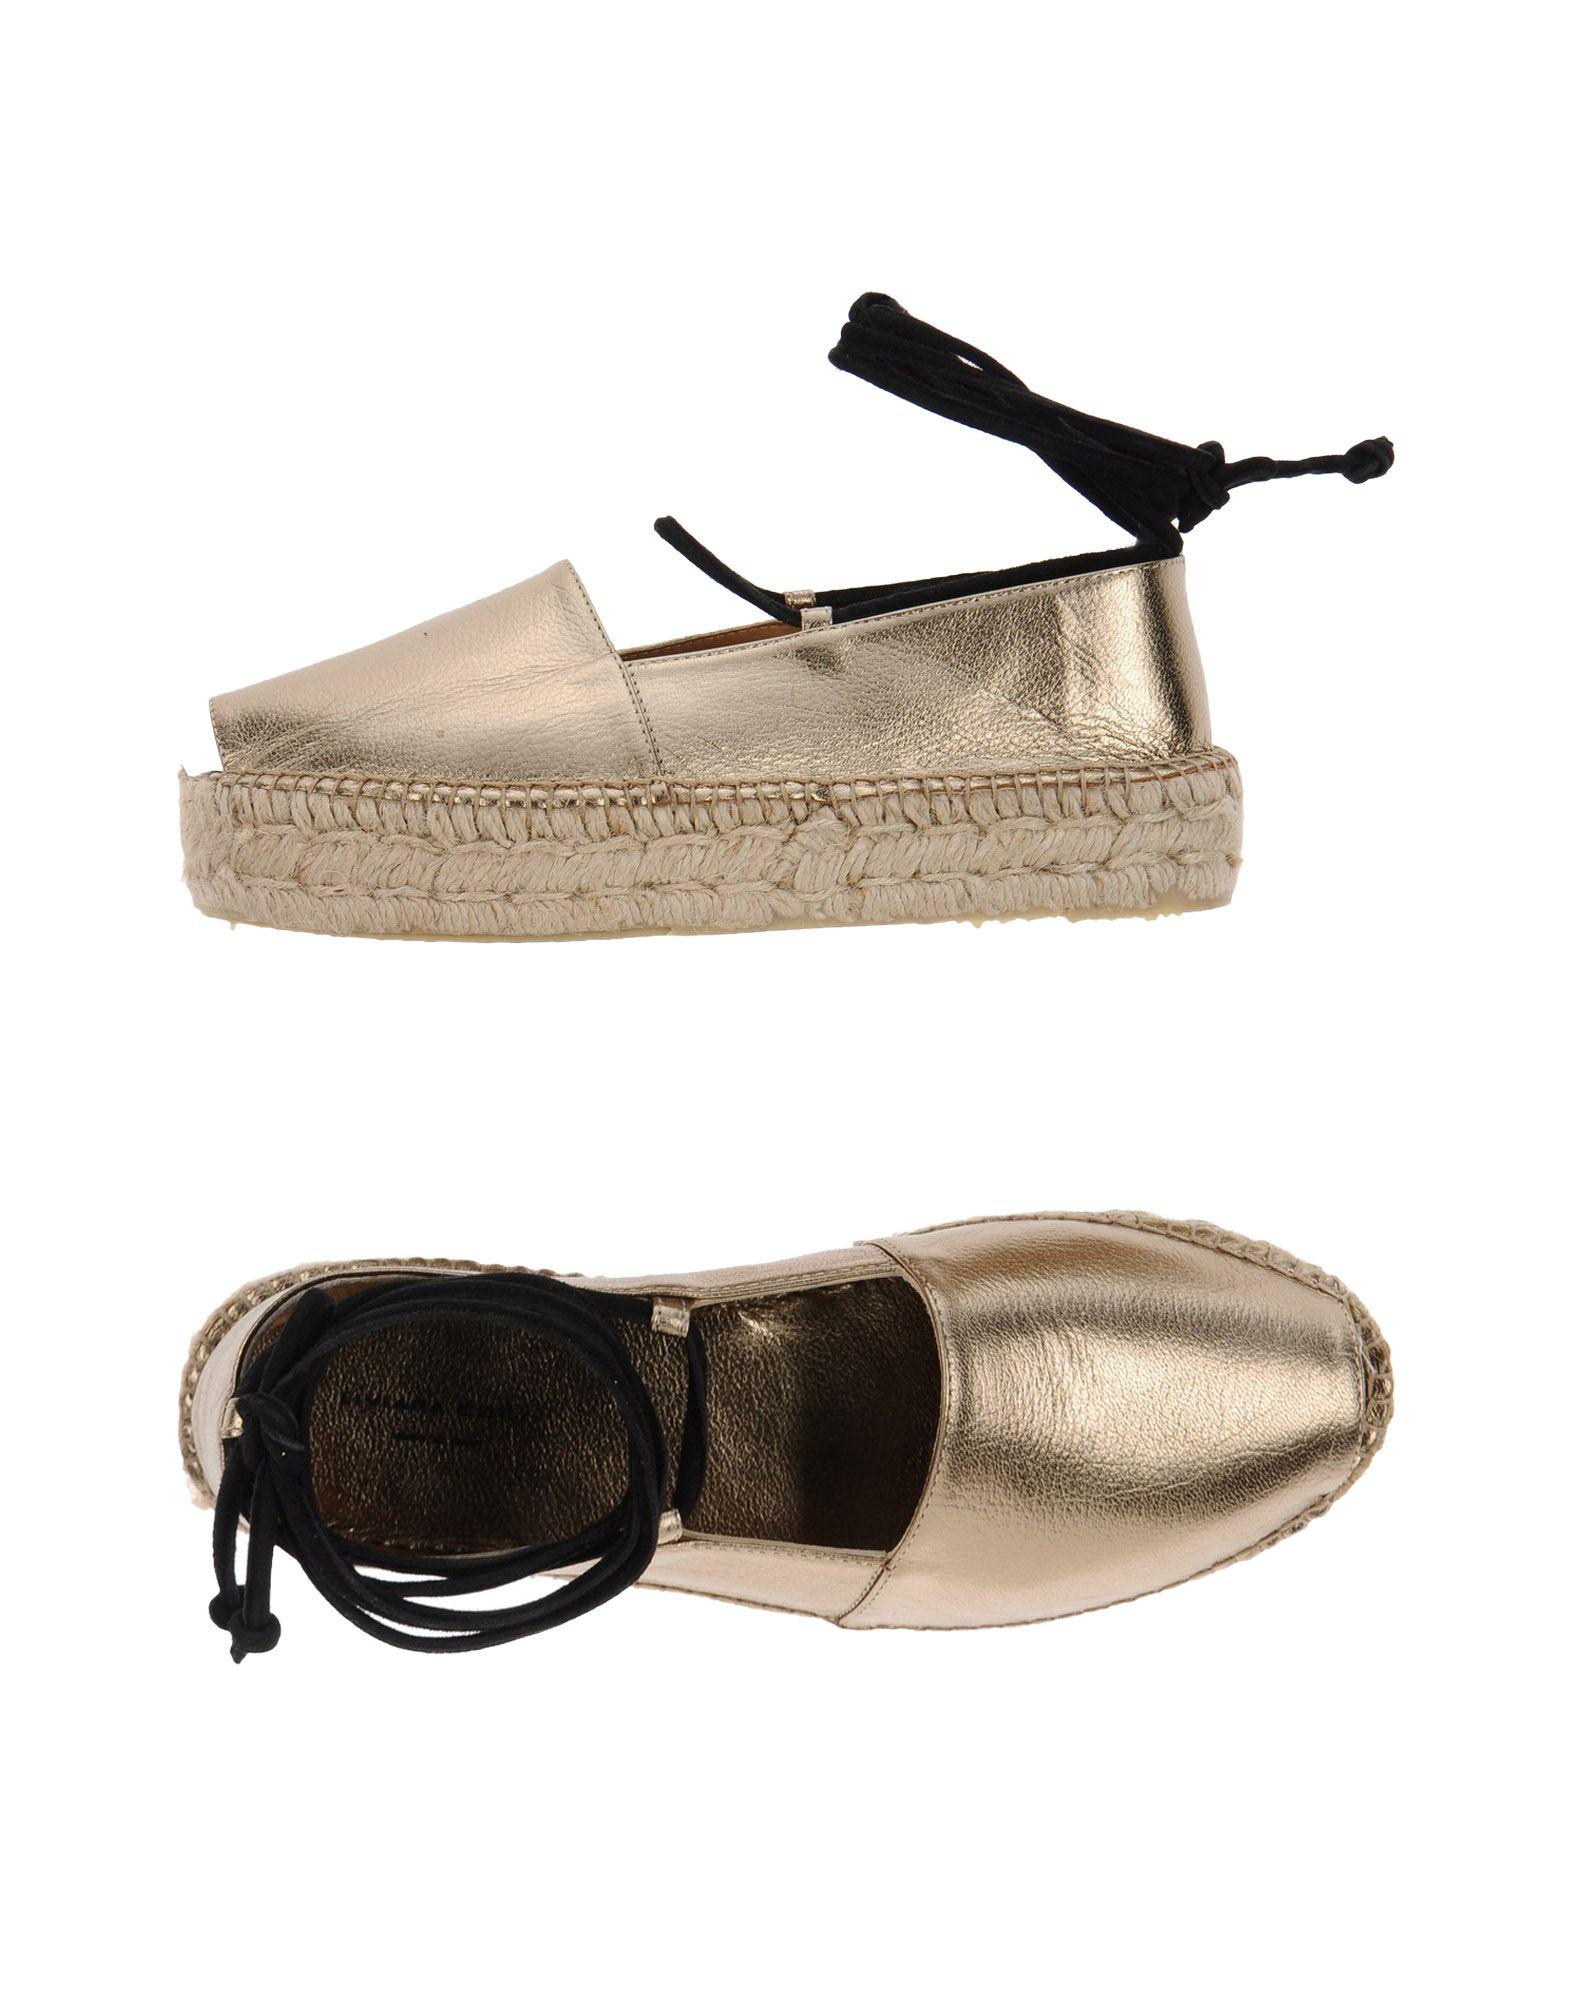 FOOTWEAR - Espadrilles on YOOX.COM Liviana Conti J0BN1